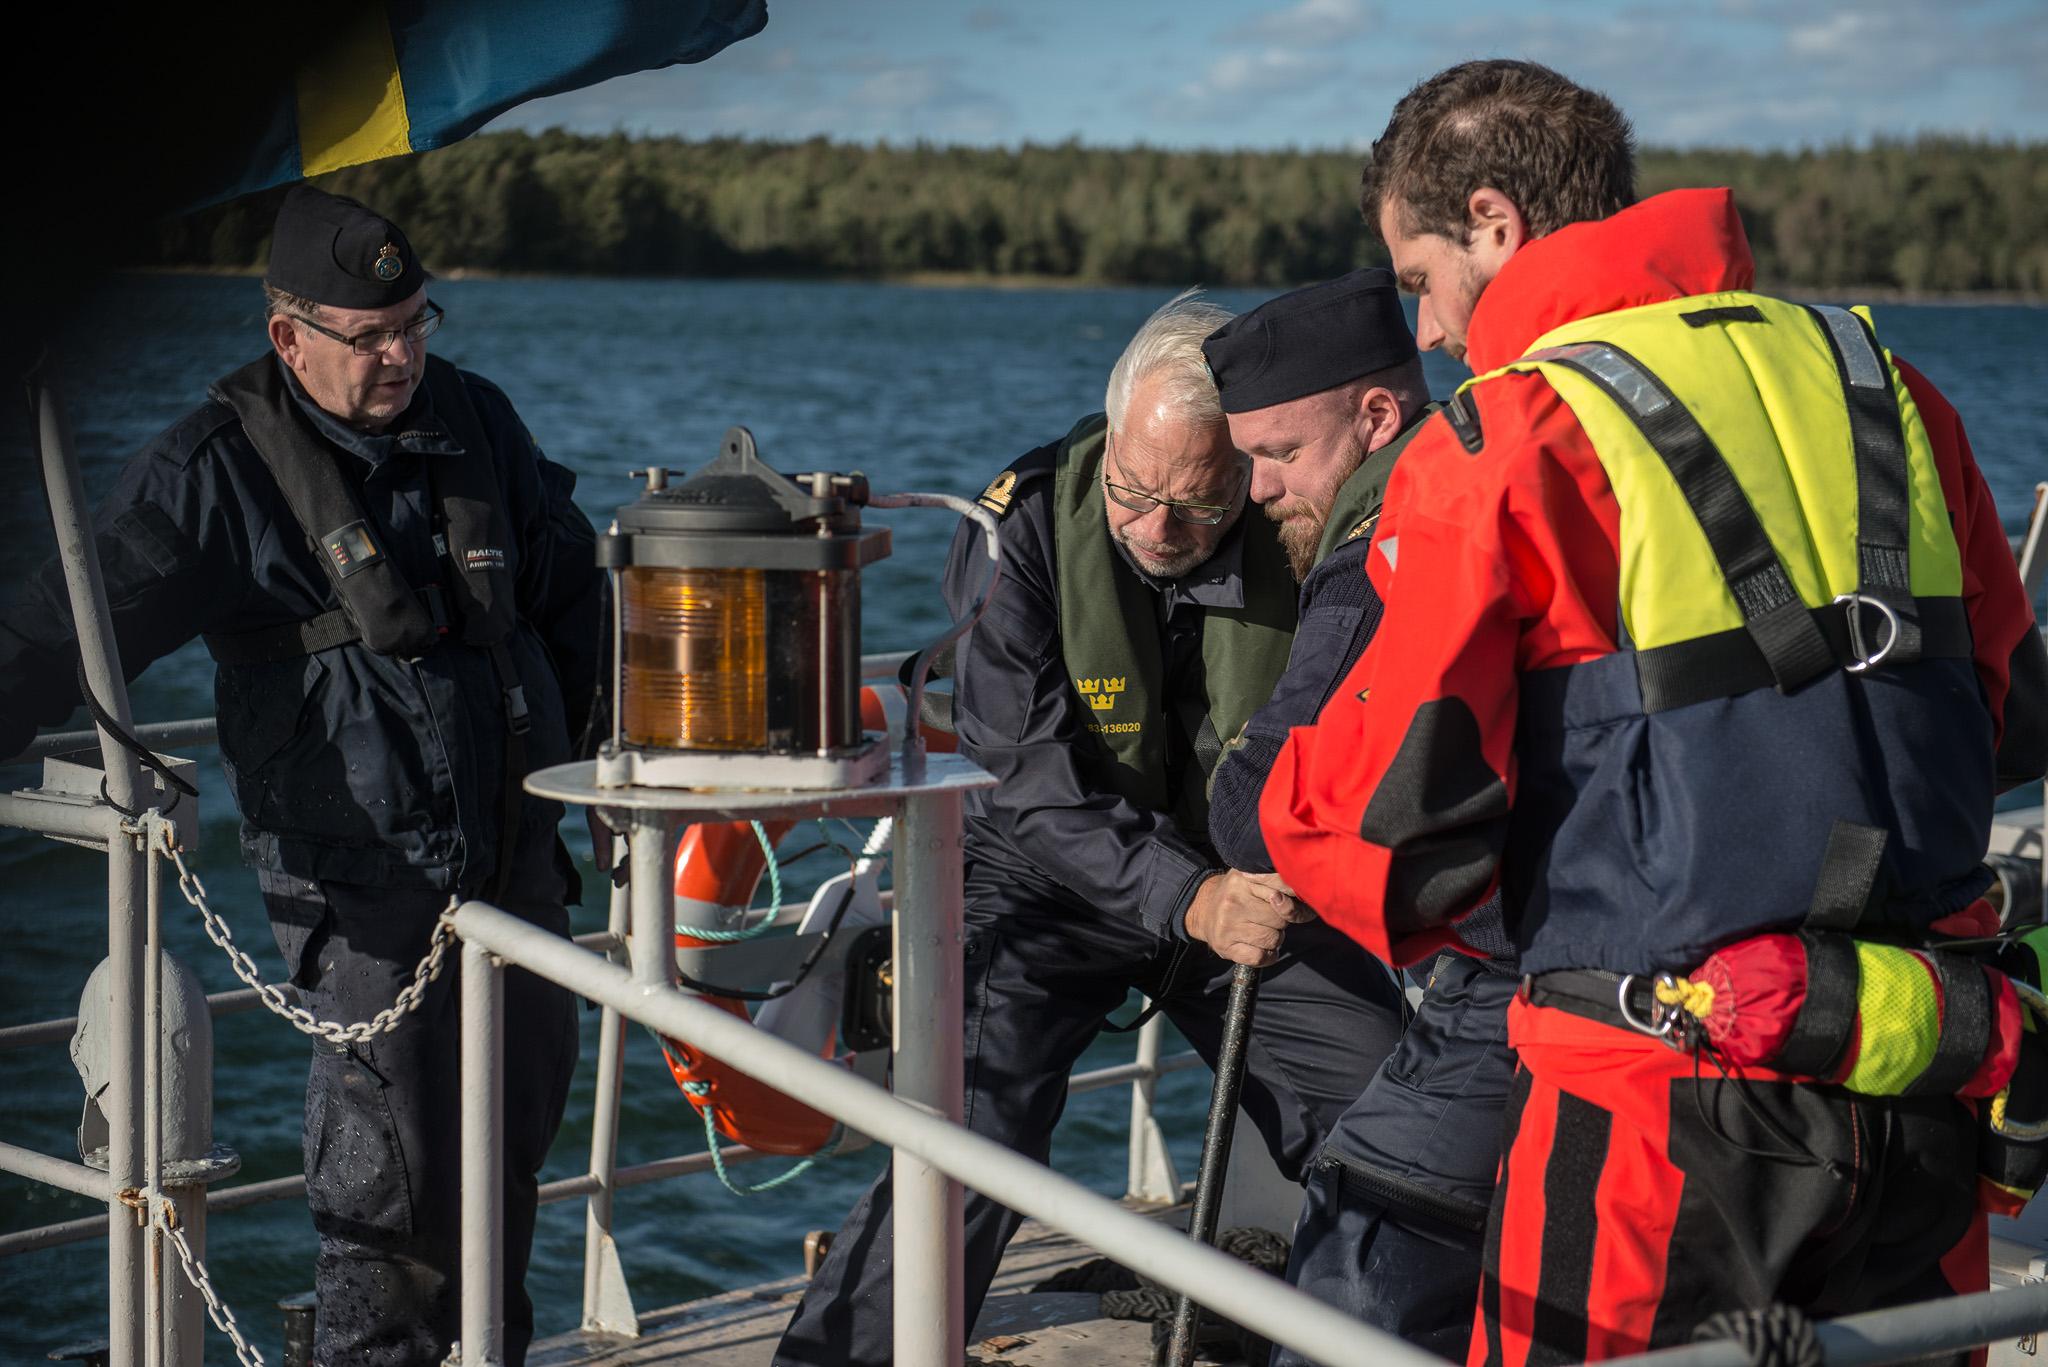 Samverkan mellan Sjövärnskåren och Sjöräddningssällskapet (SSRS) under krisövning SIRI 2018.